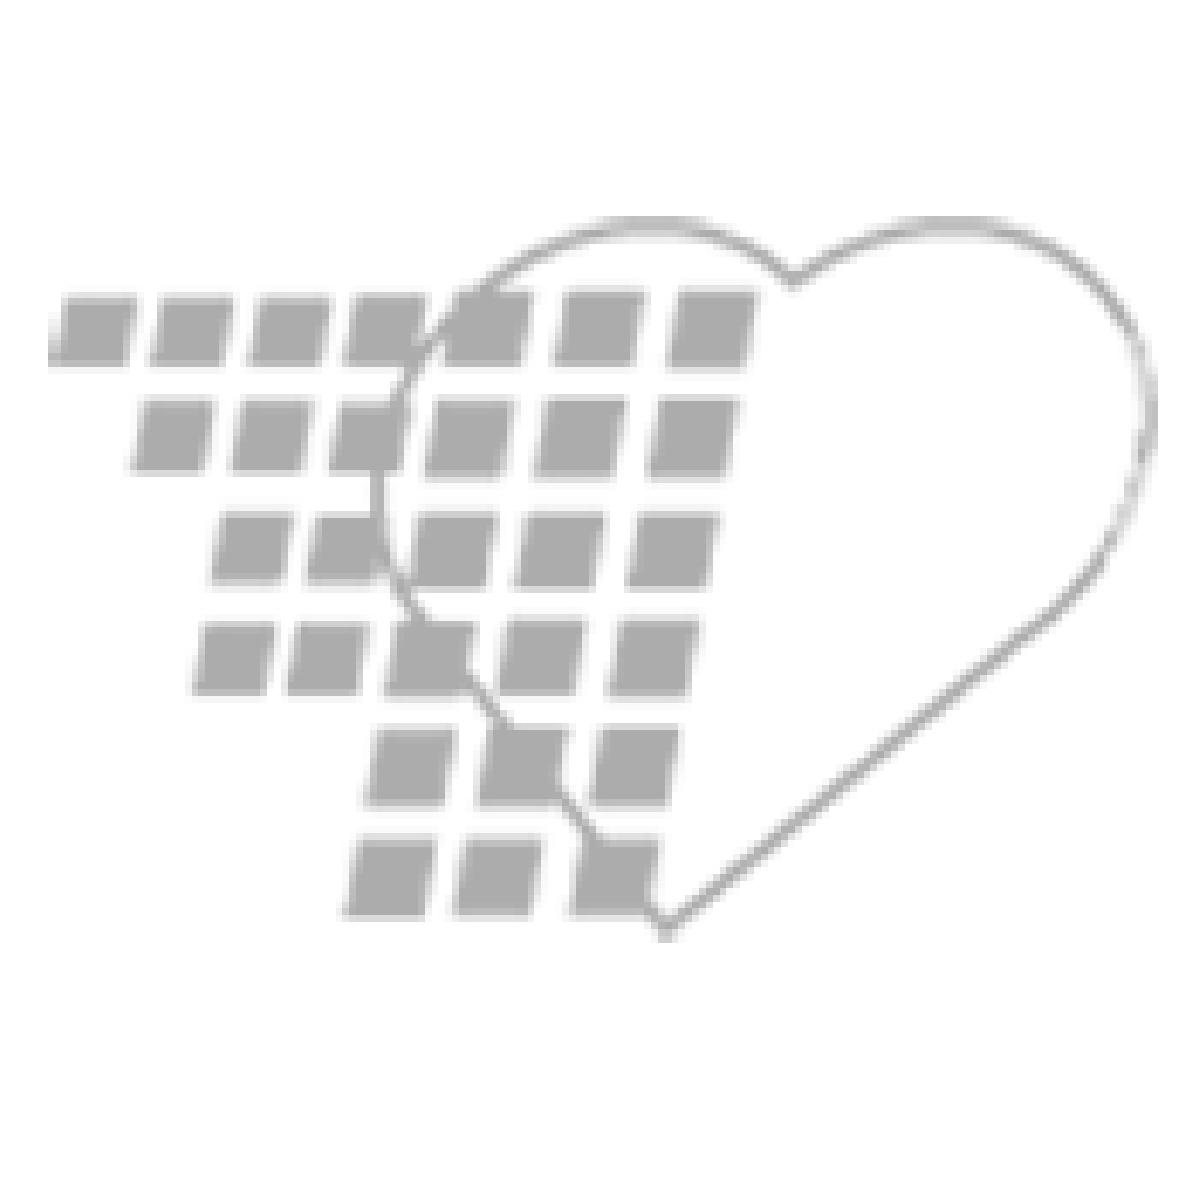 11-81-0118 Nasco Life/form® Venatech IV Trainer